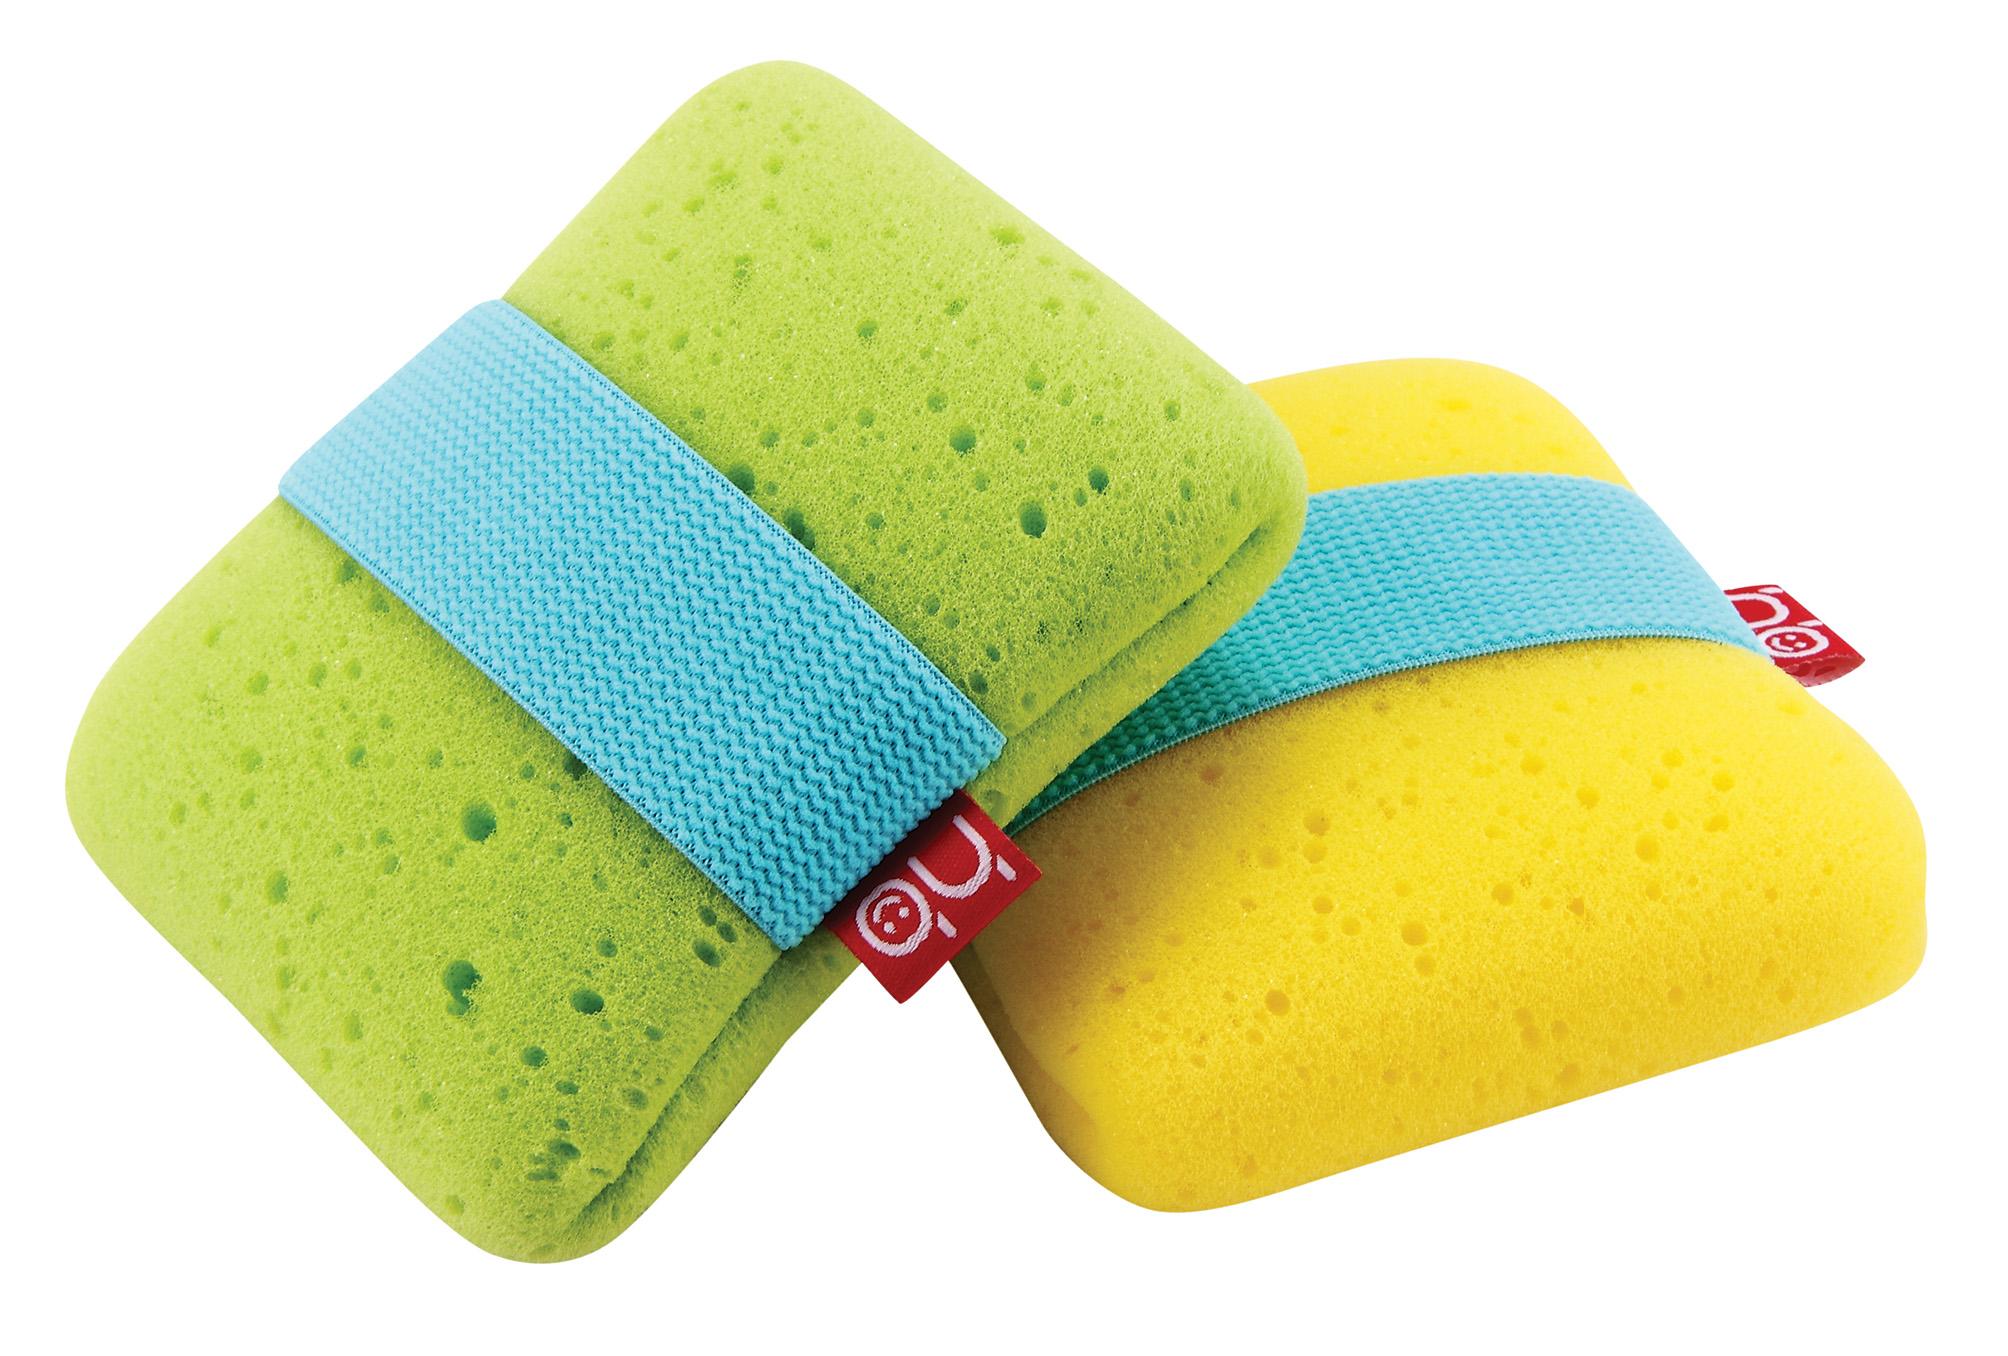 Happy Baby Мочалка Sponge+ с эластичным фиксатором на руку цвет зеленый35004_зеленыйМягкая мочалка Sponge+ разработана специально для нежной кожи малыша. Прекрасно подходит для новорожденных. Благодаря высококачественному мягкому материалу, из которого выполнена мочалка, купание для вашего ребёнка станет ещё приятней.Эластичная резинка позволит плотно зафиксировать мочалку на руке.Для большего удобства имеется маленький кармашек, в который можно при необходимости положить мыло.